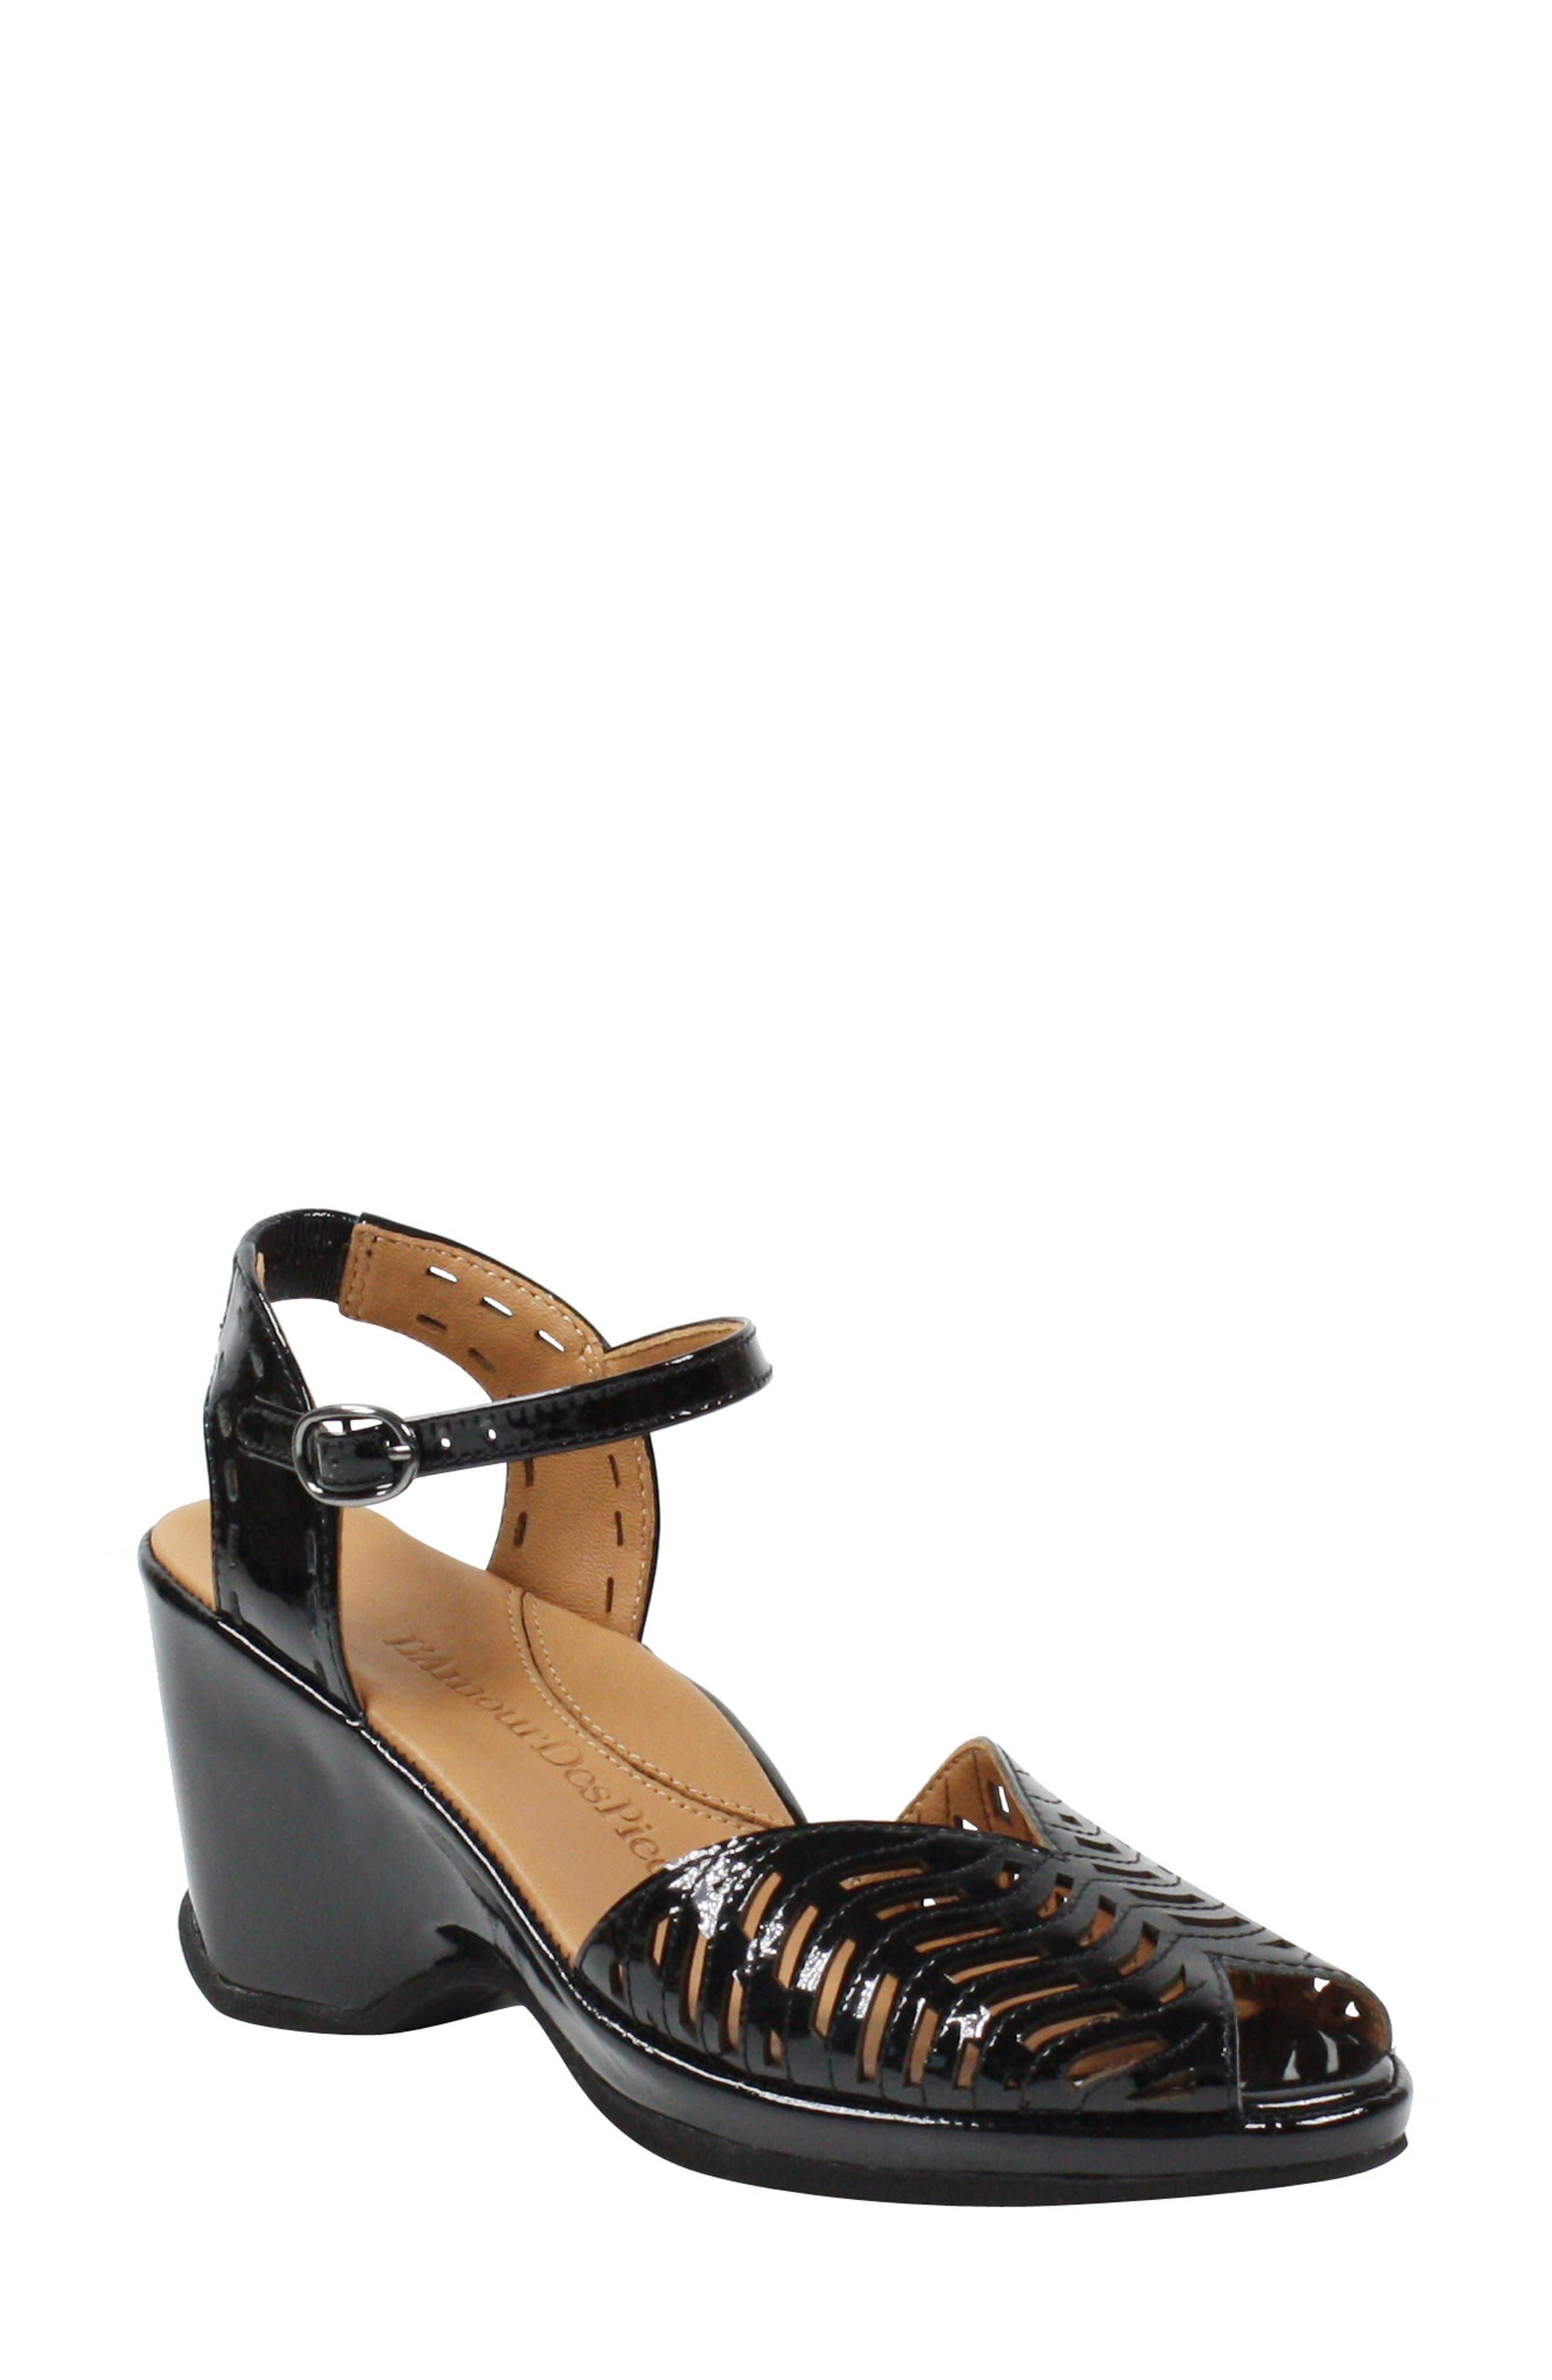 1940s Style Shoes, 40s Shoes Womens LAmour Des Pieds Oanez Wedge Sandal Size 9.5 M - Black $218.95 AT vintagedancer.com